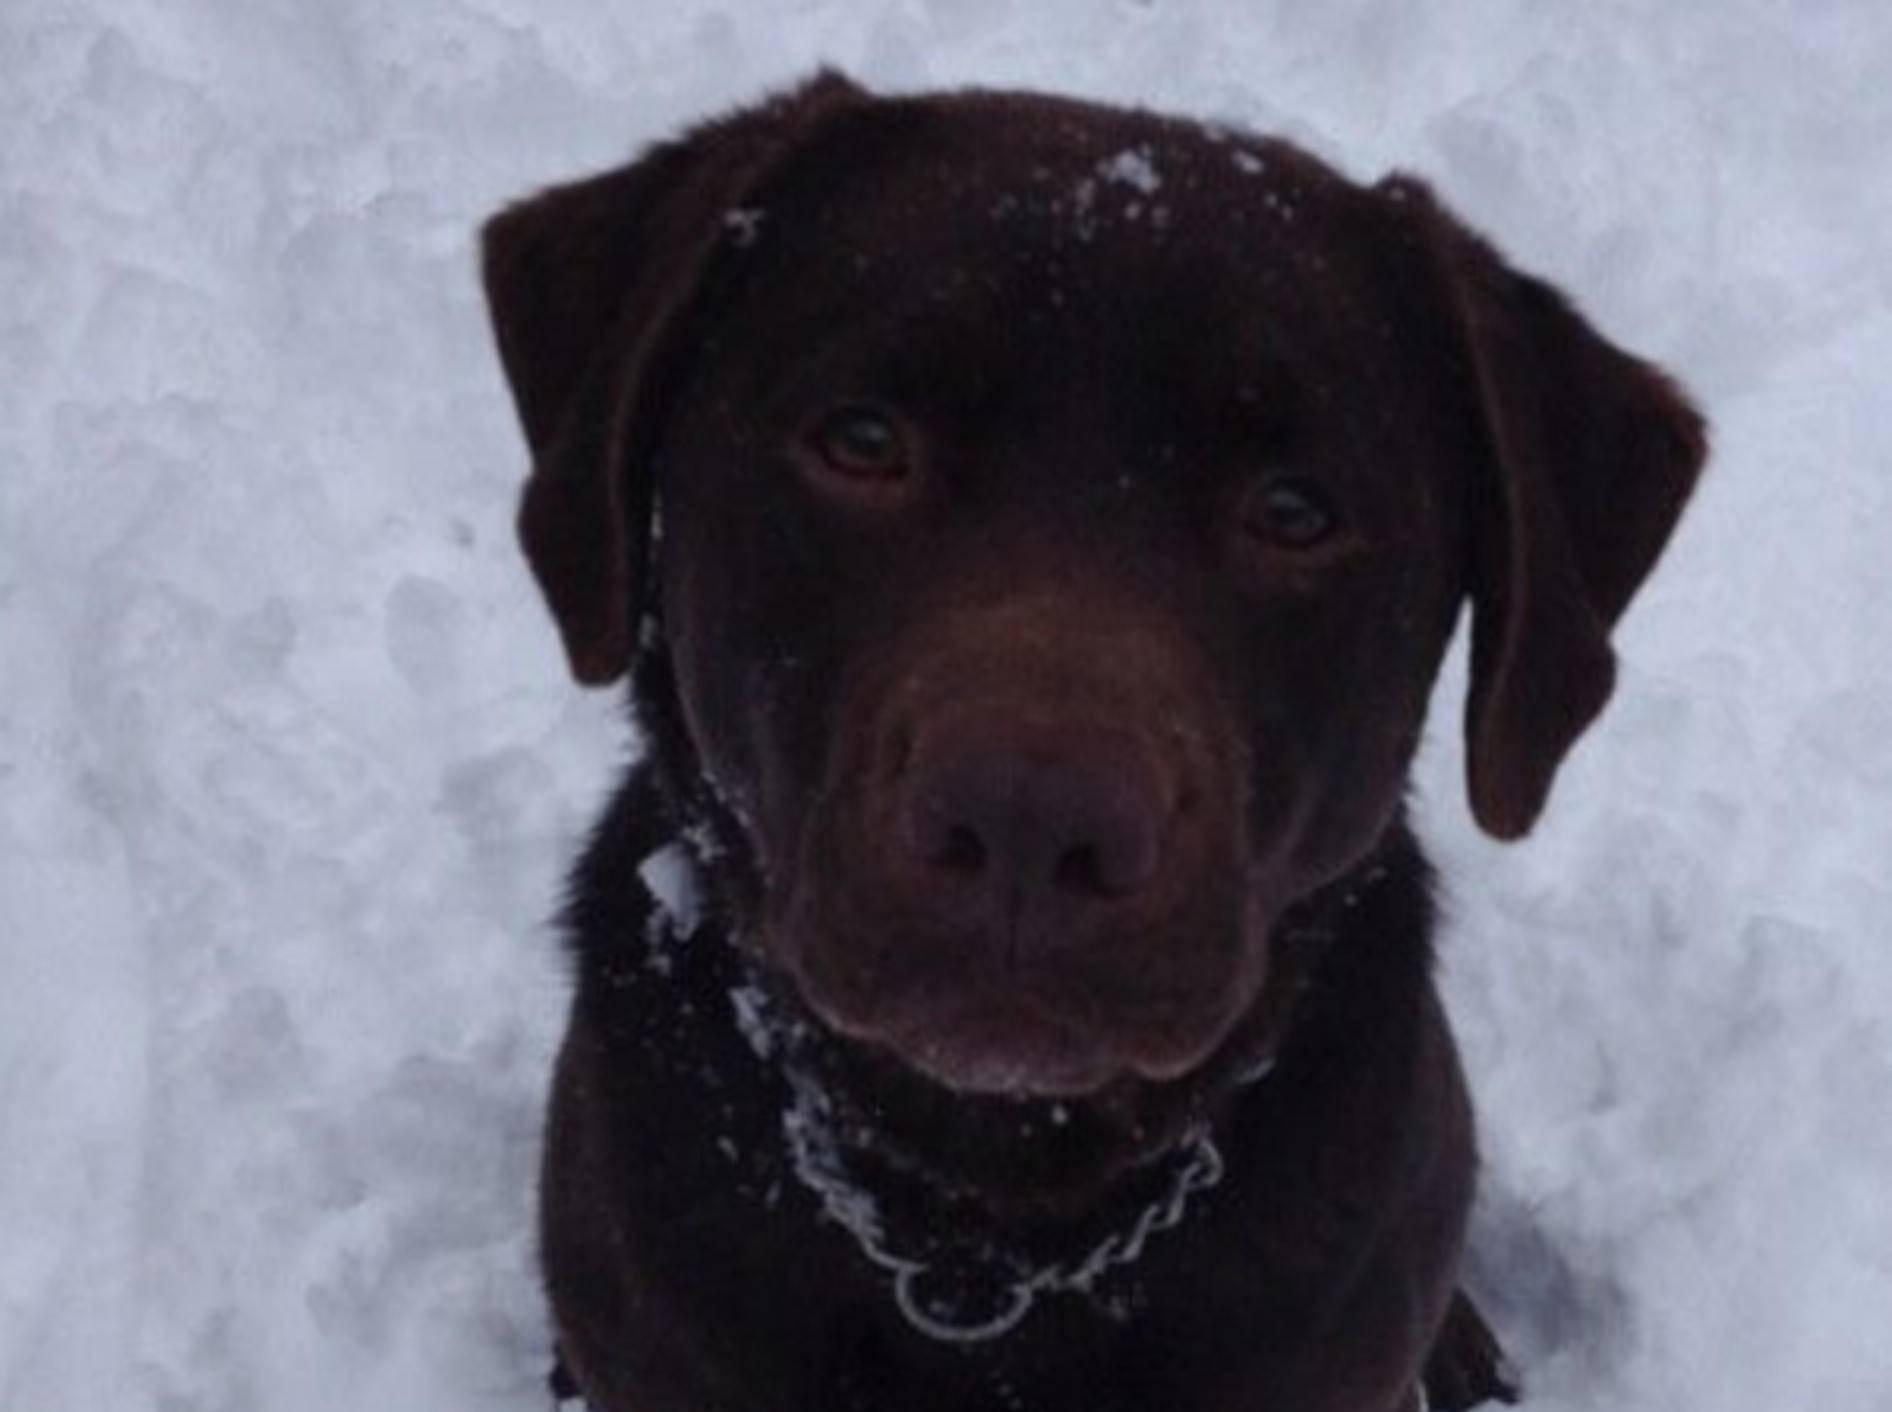 labrador-retriever-hund-emma-bunton--spice-girl